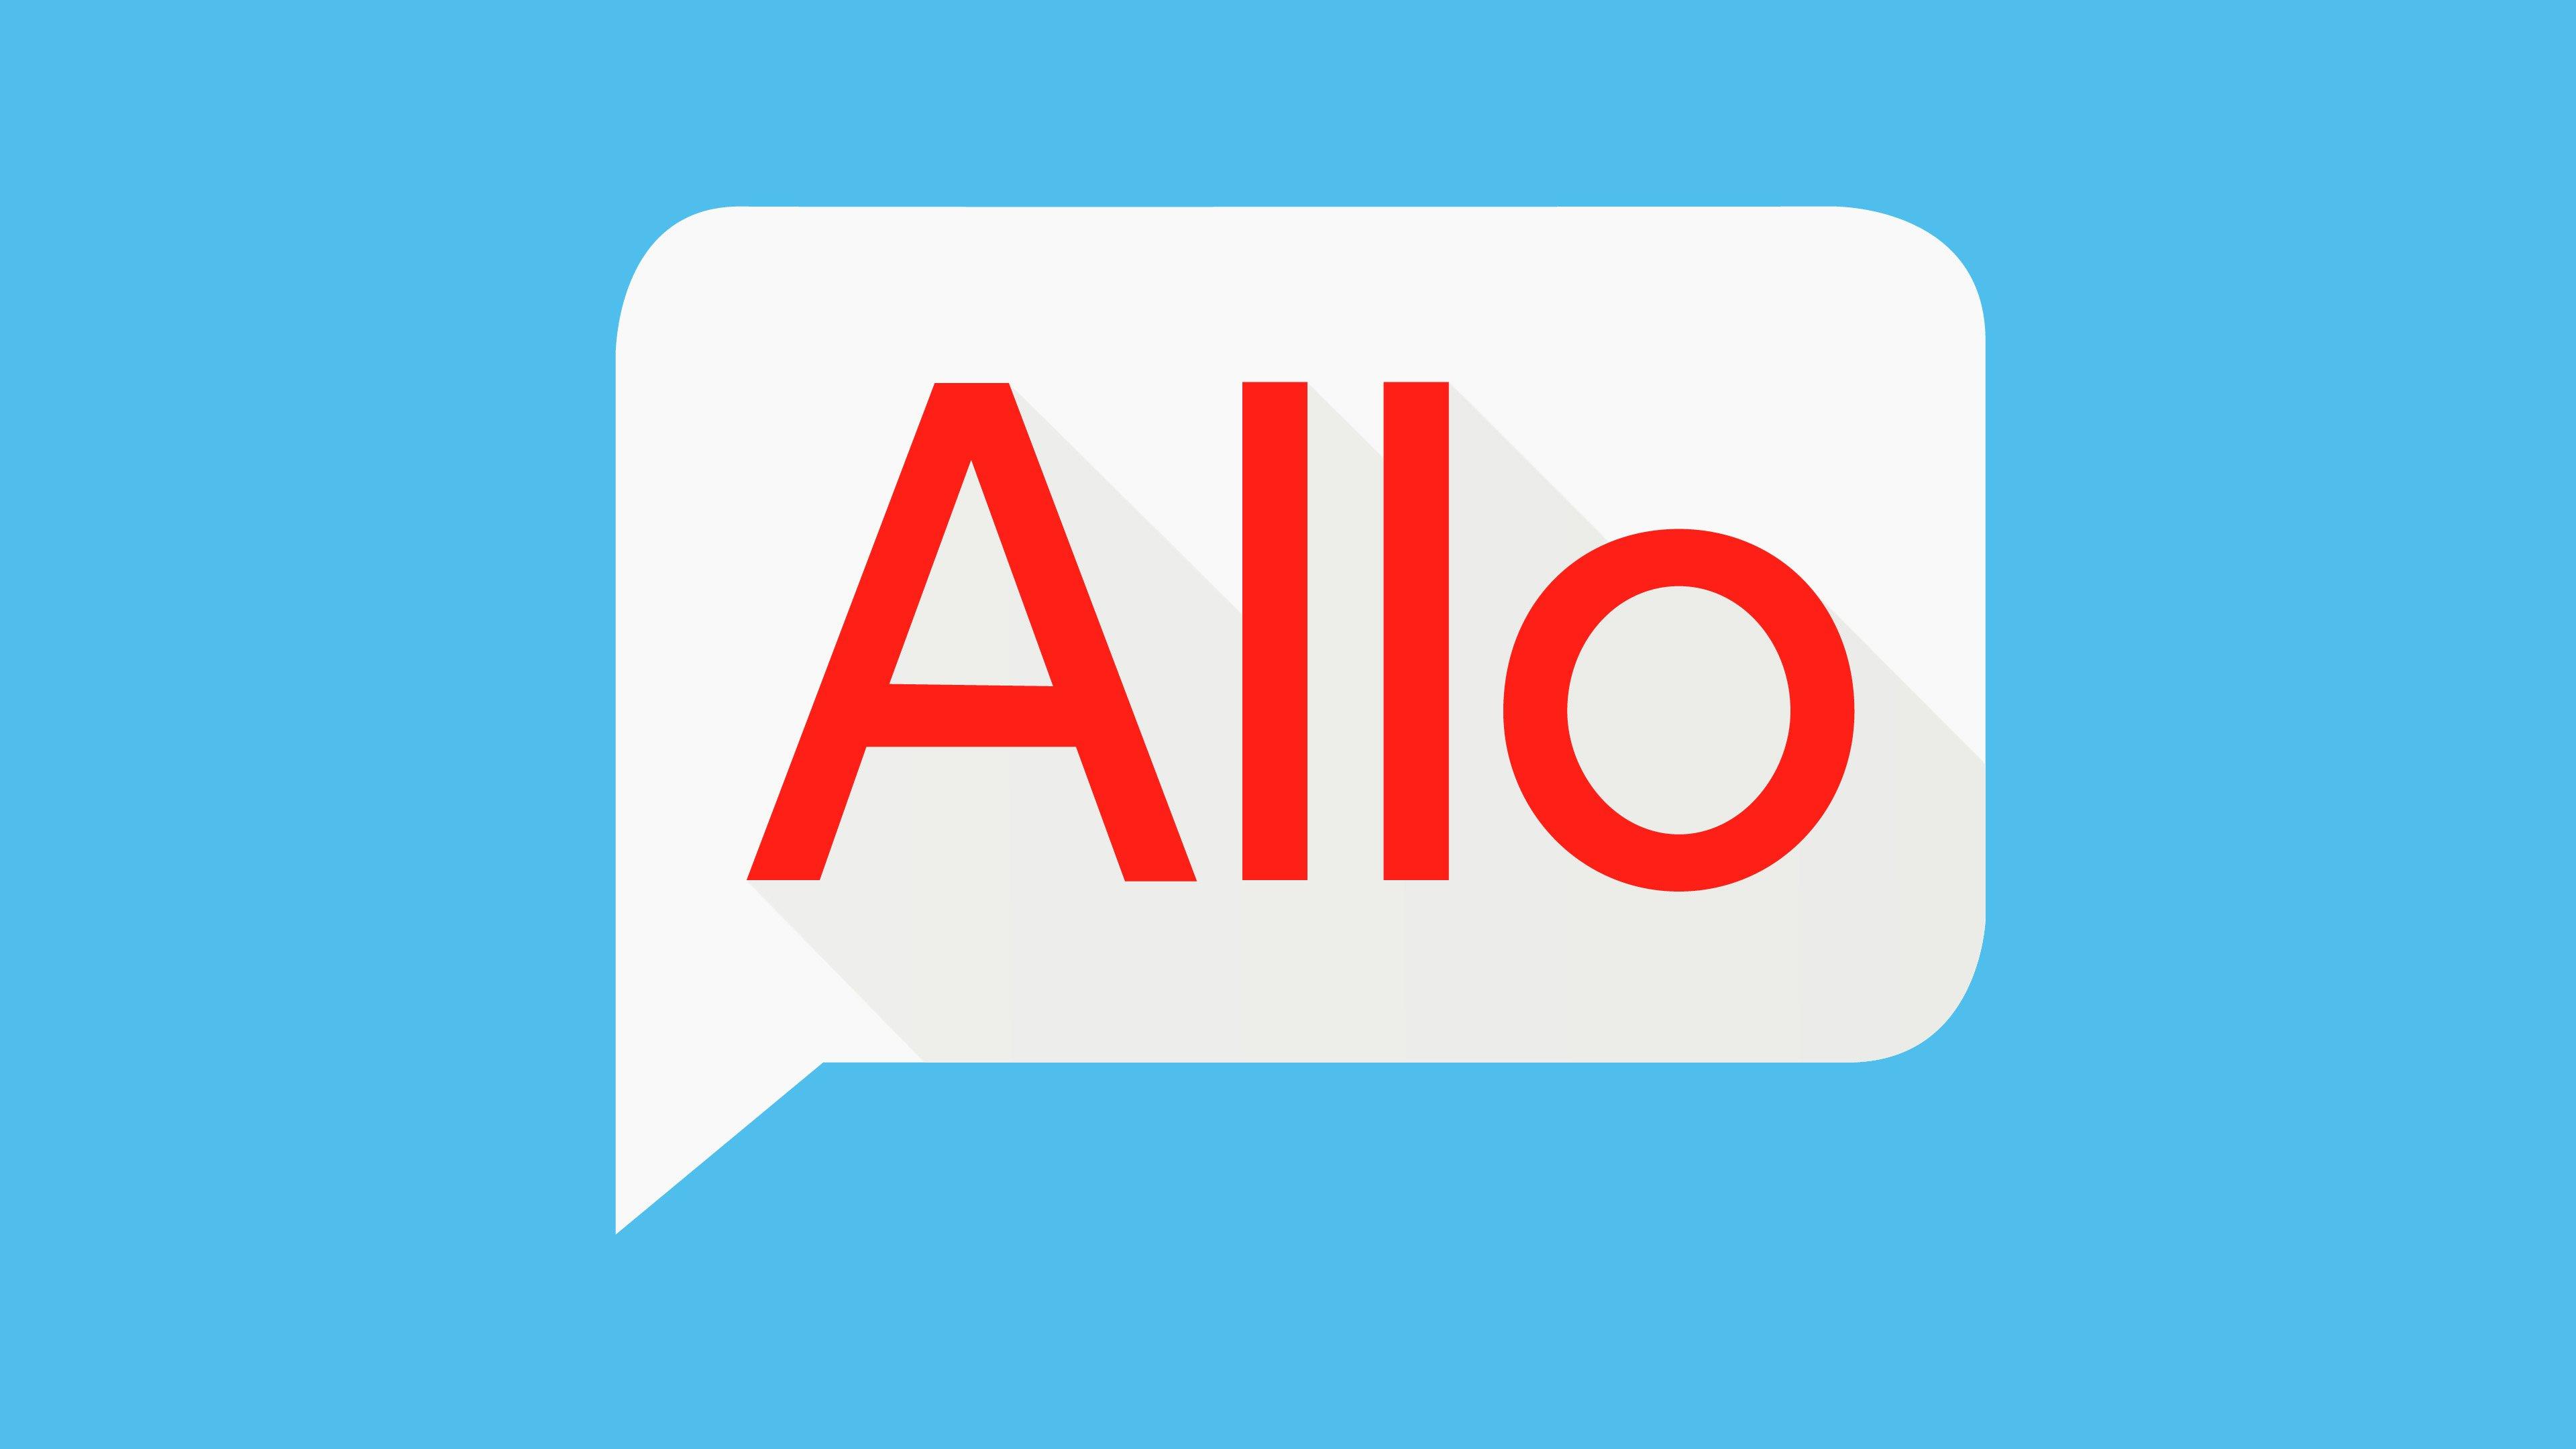 پیام رسان Allo